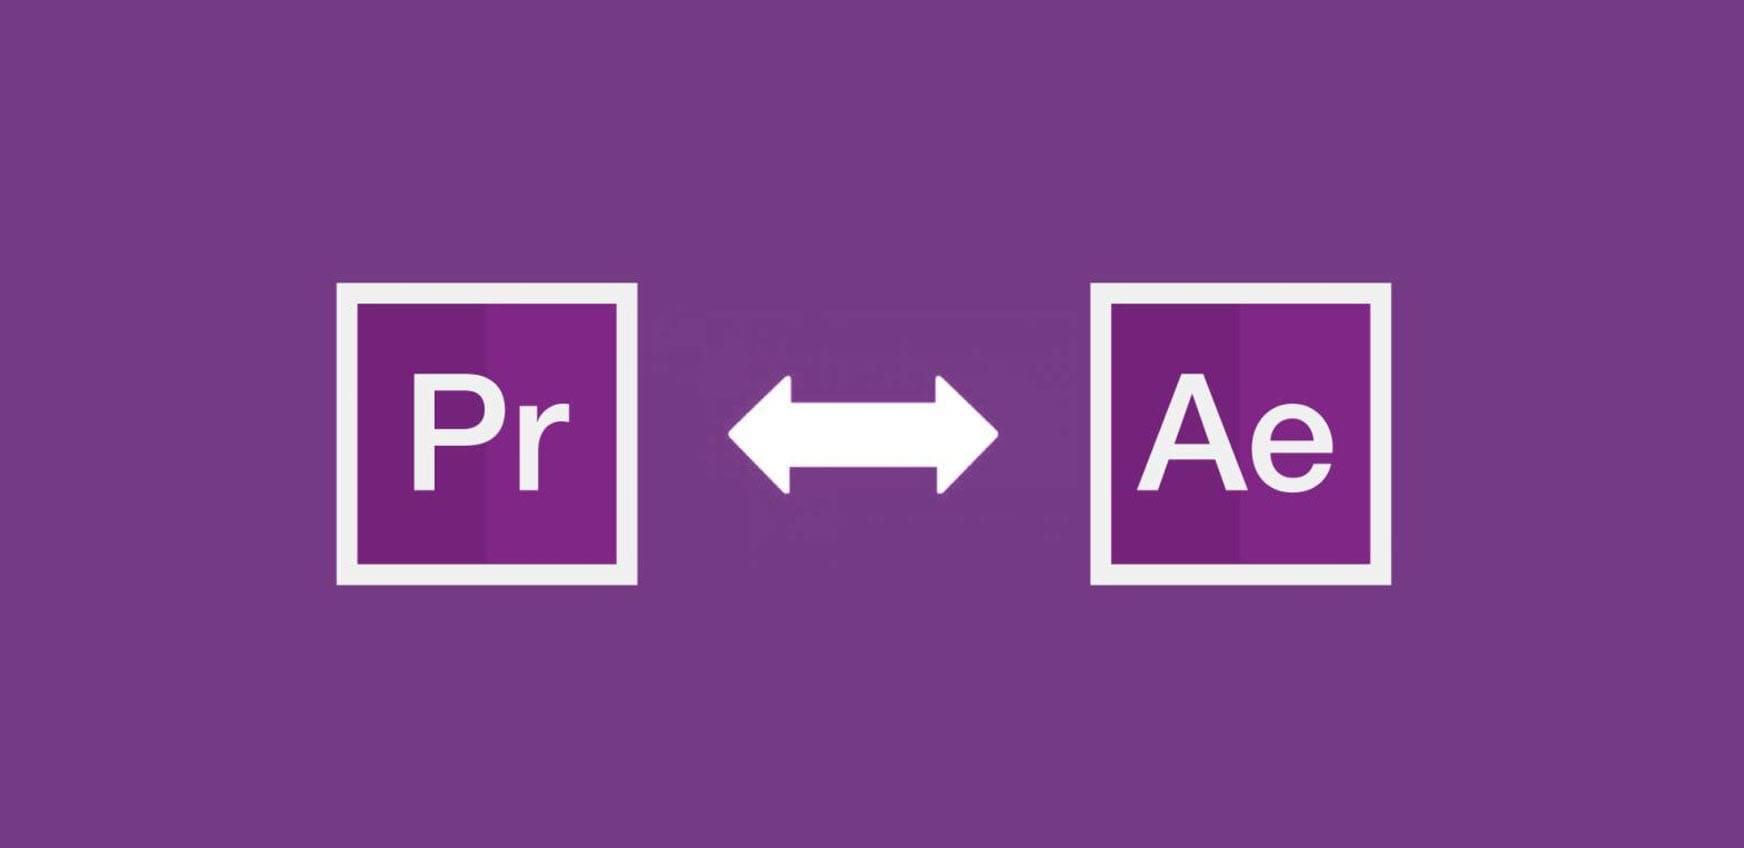 Premiere Pro e After Effects são os principais softwares de edição de vídeo no mercado